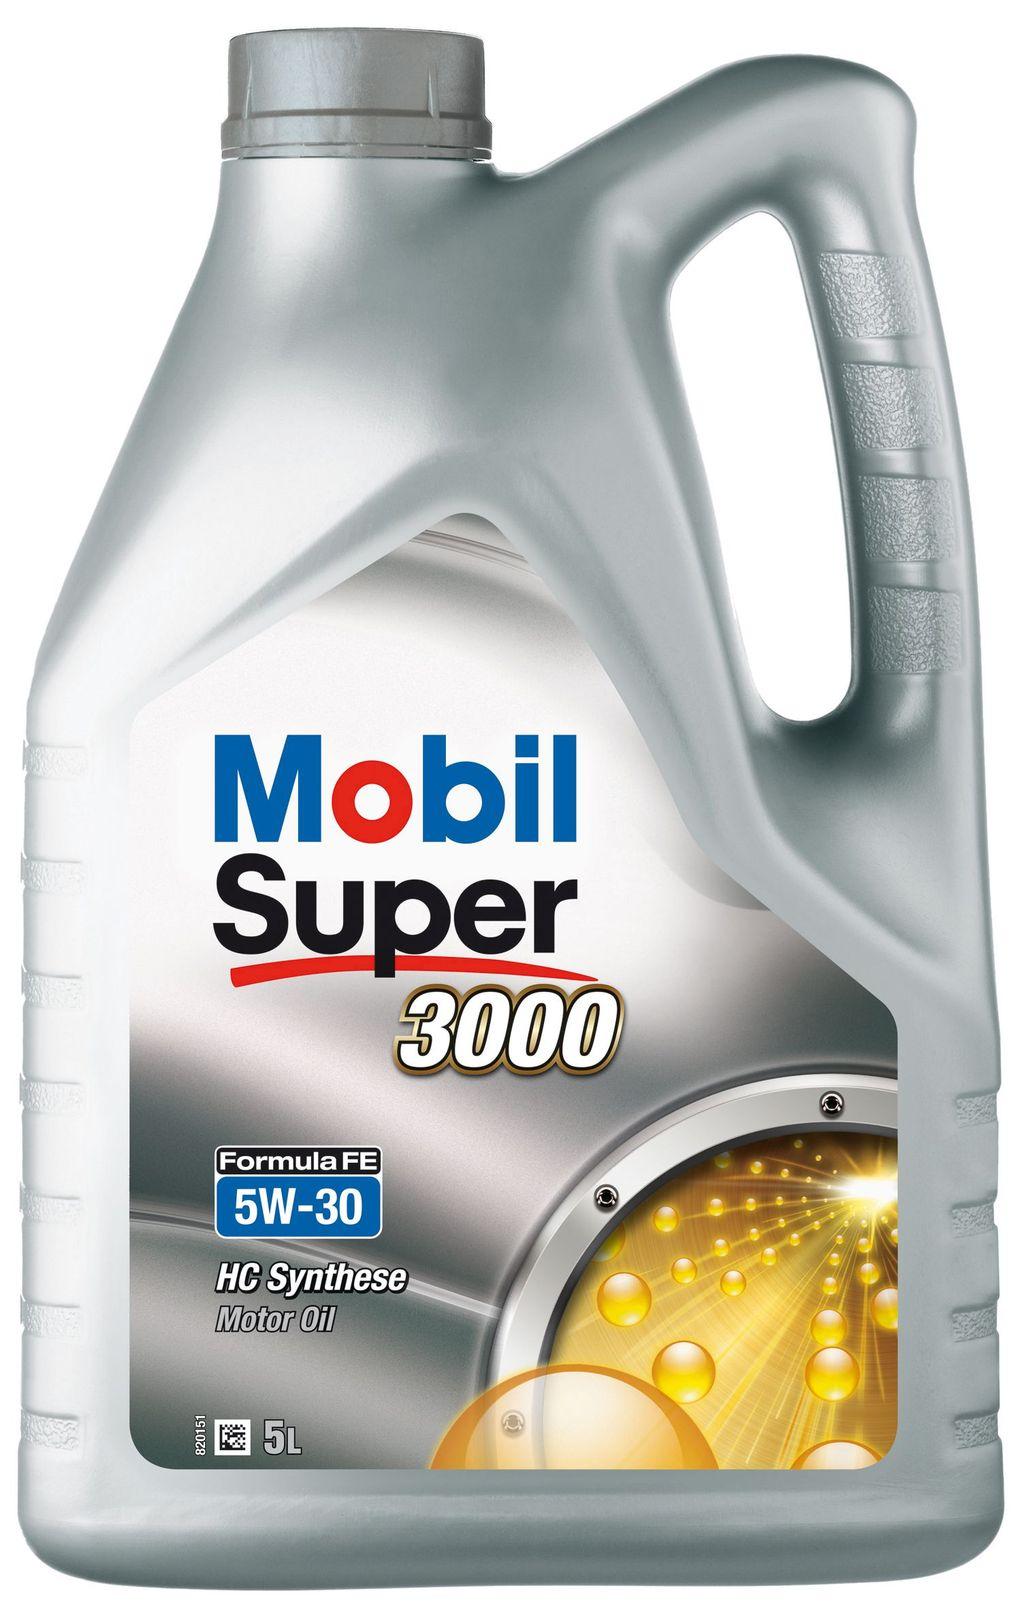 Huile moteur mobil super 3000 fe 5w30 151176 5 litres - mobil